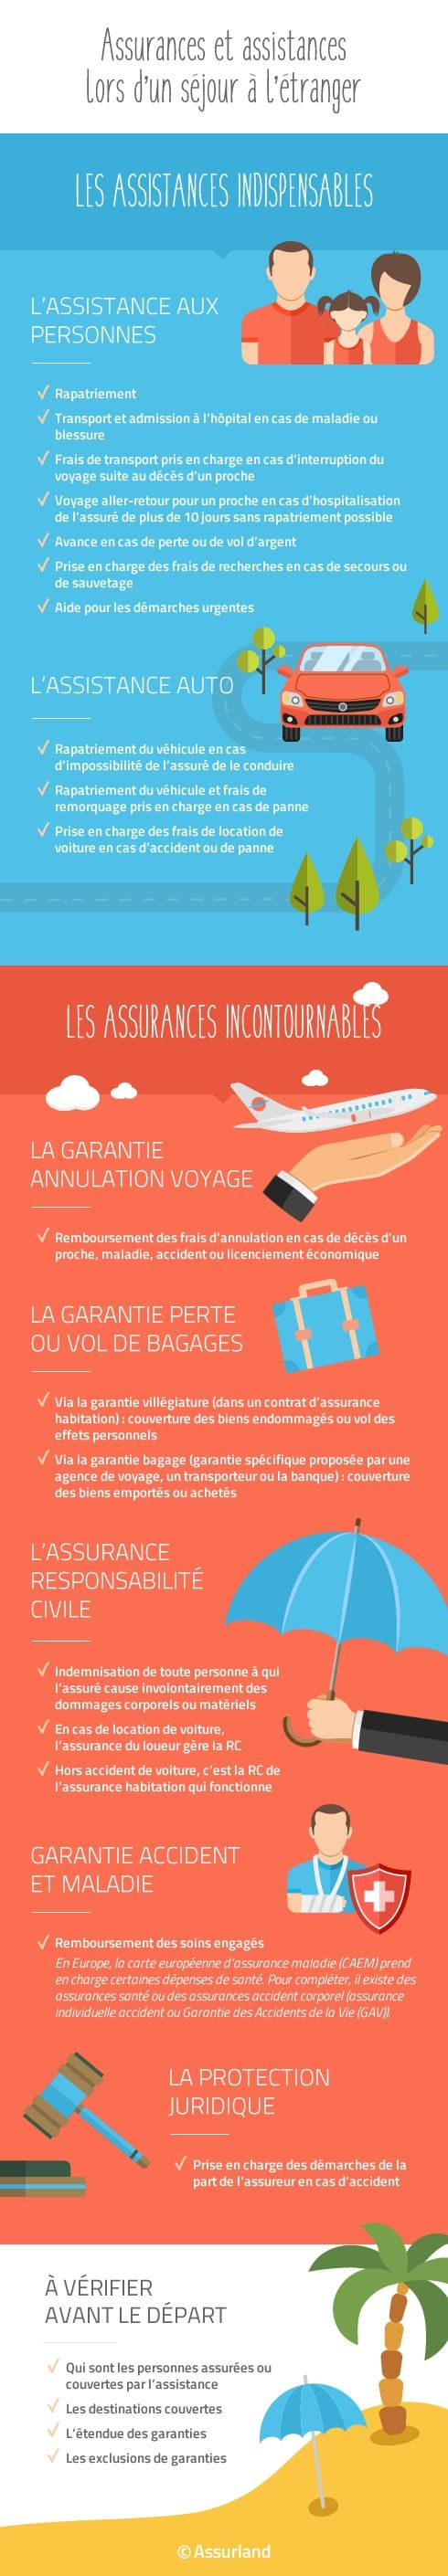 infographie-assurance-assistance-sejout-etranger